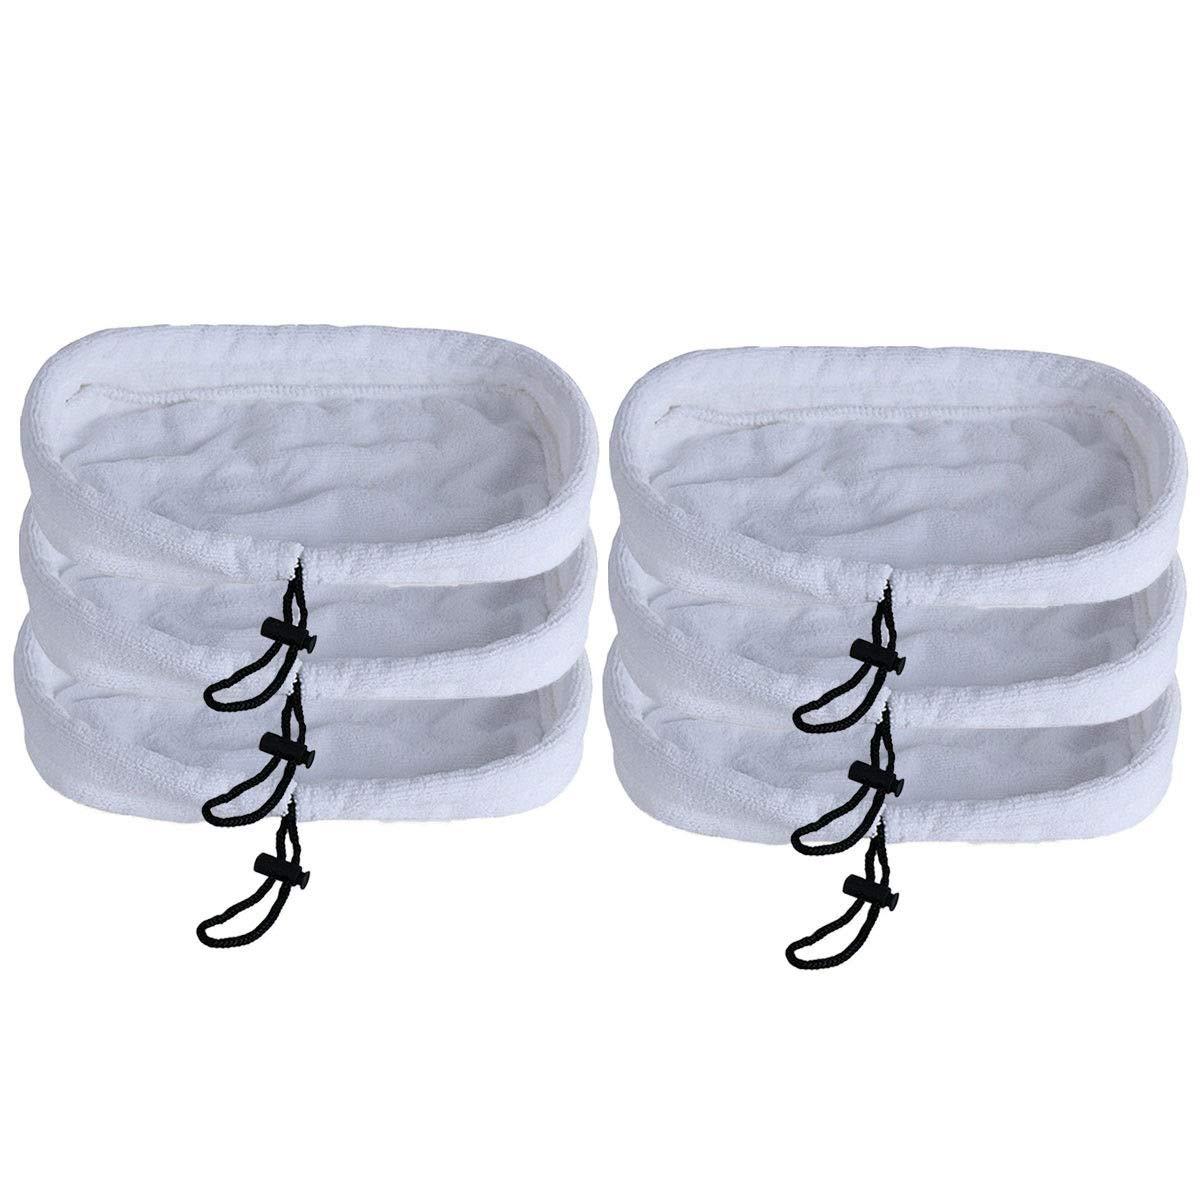 6枚の洗濯可能パッドスチームモップ Bissell 1867 203-2158 2032158用 3255 B07JPKPN3J